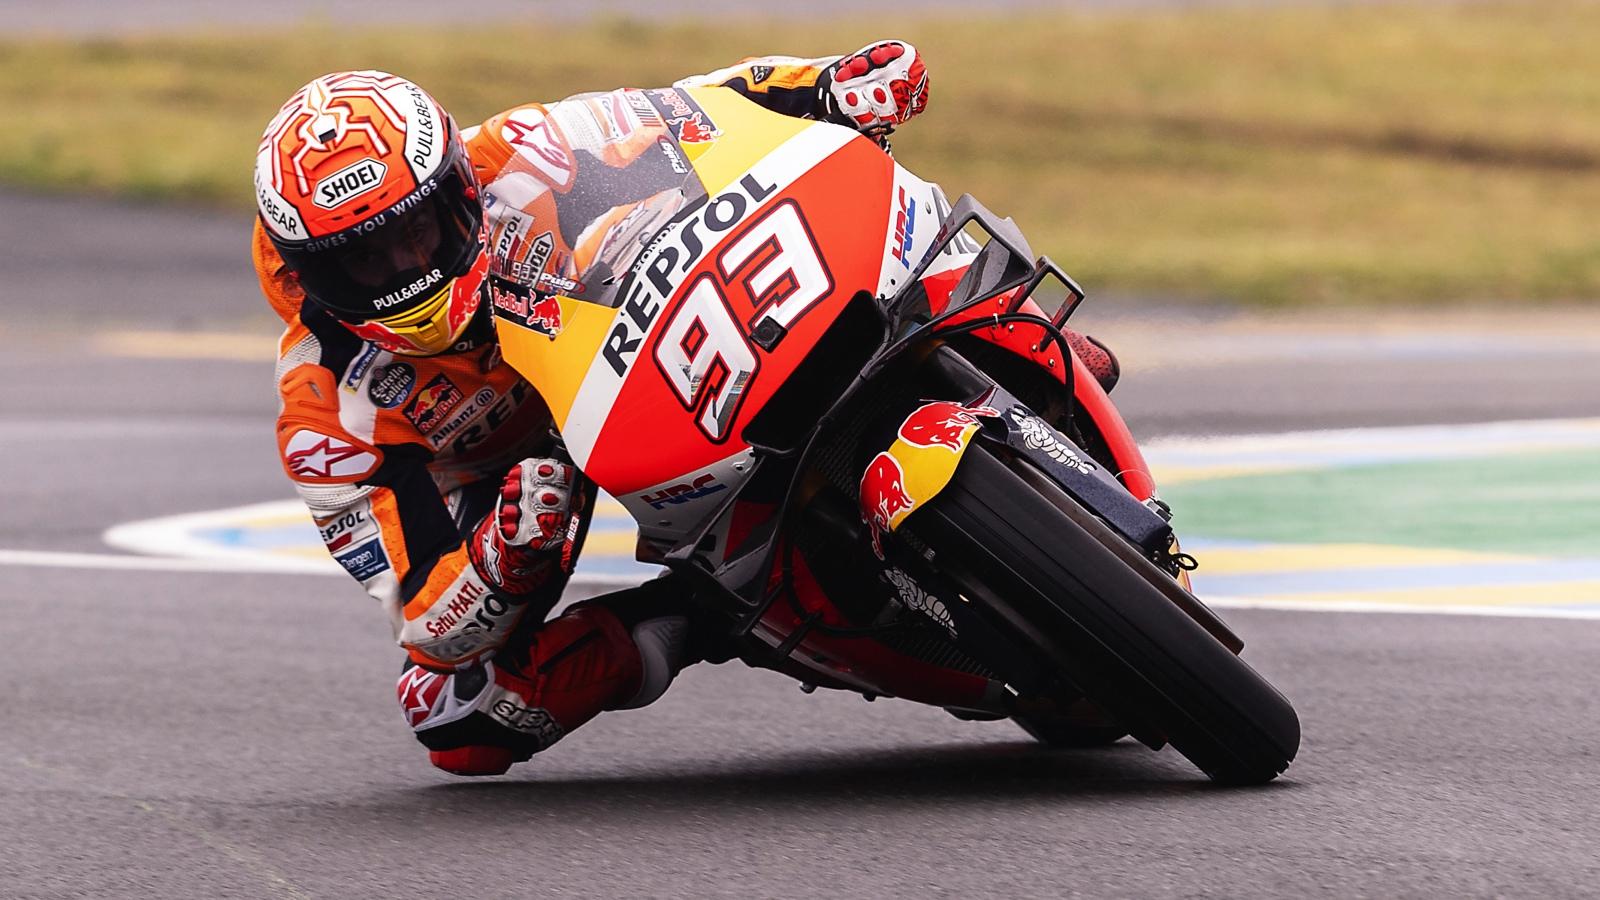 Marc Márquez gana ante las Ducati en Le Mans para igualar a Jorge Lorenzo en MotoGP